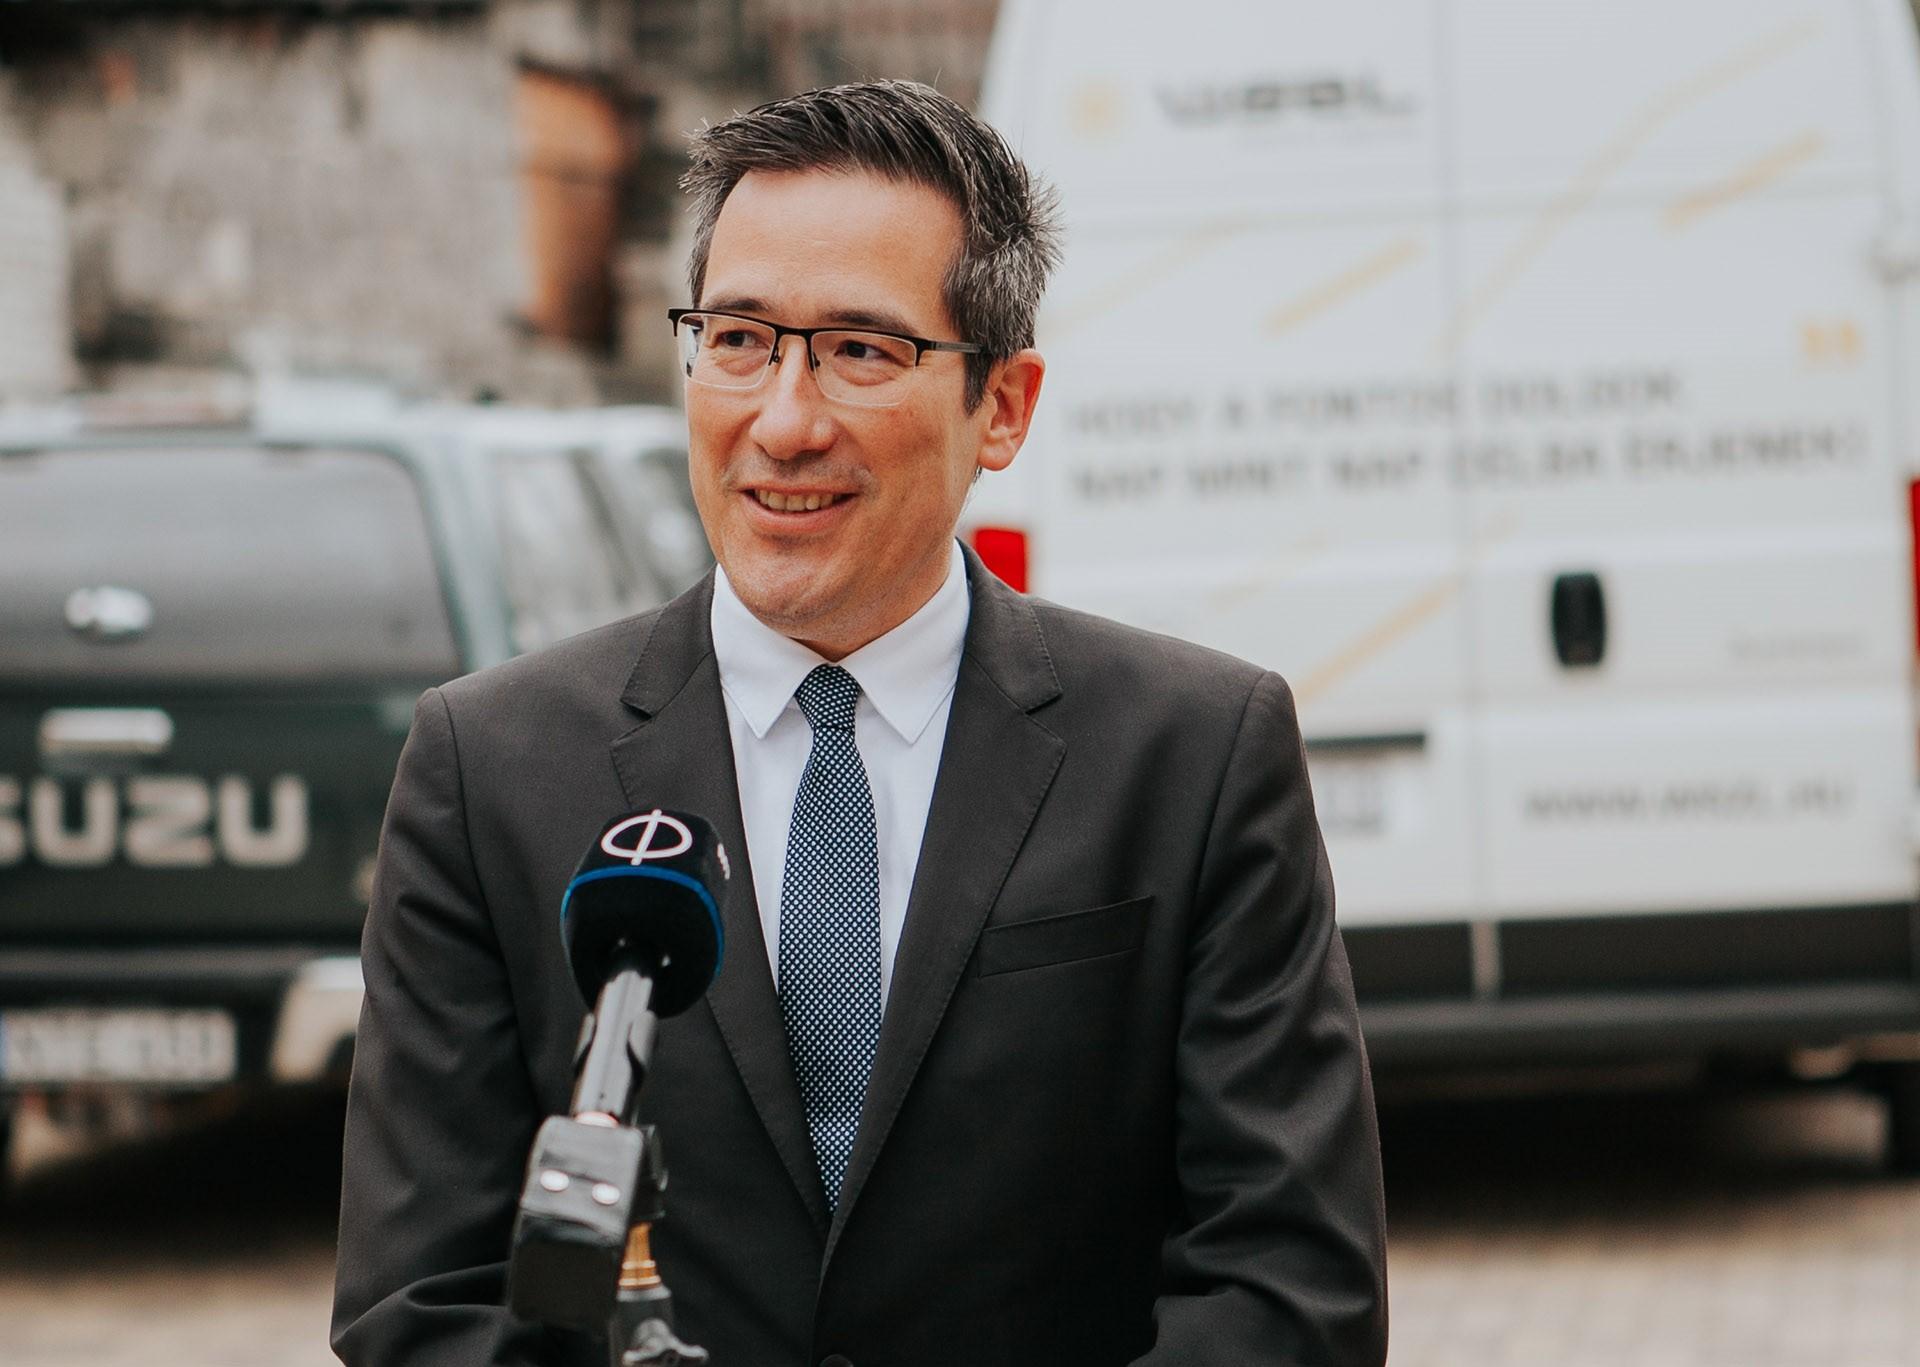 Új vezérigazgató a Waberer's élén, Barna Zsolt veszi át a társaság igazgatását